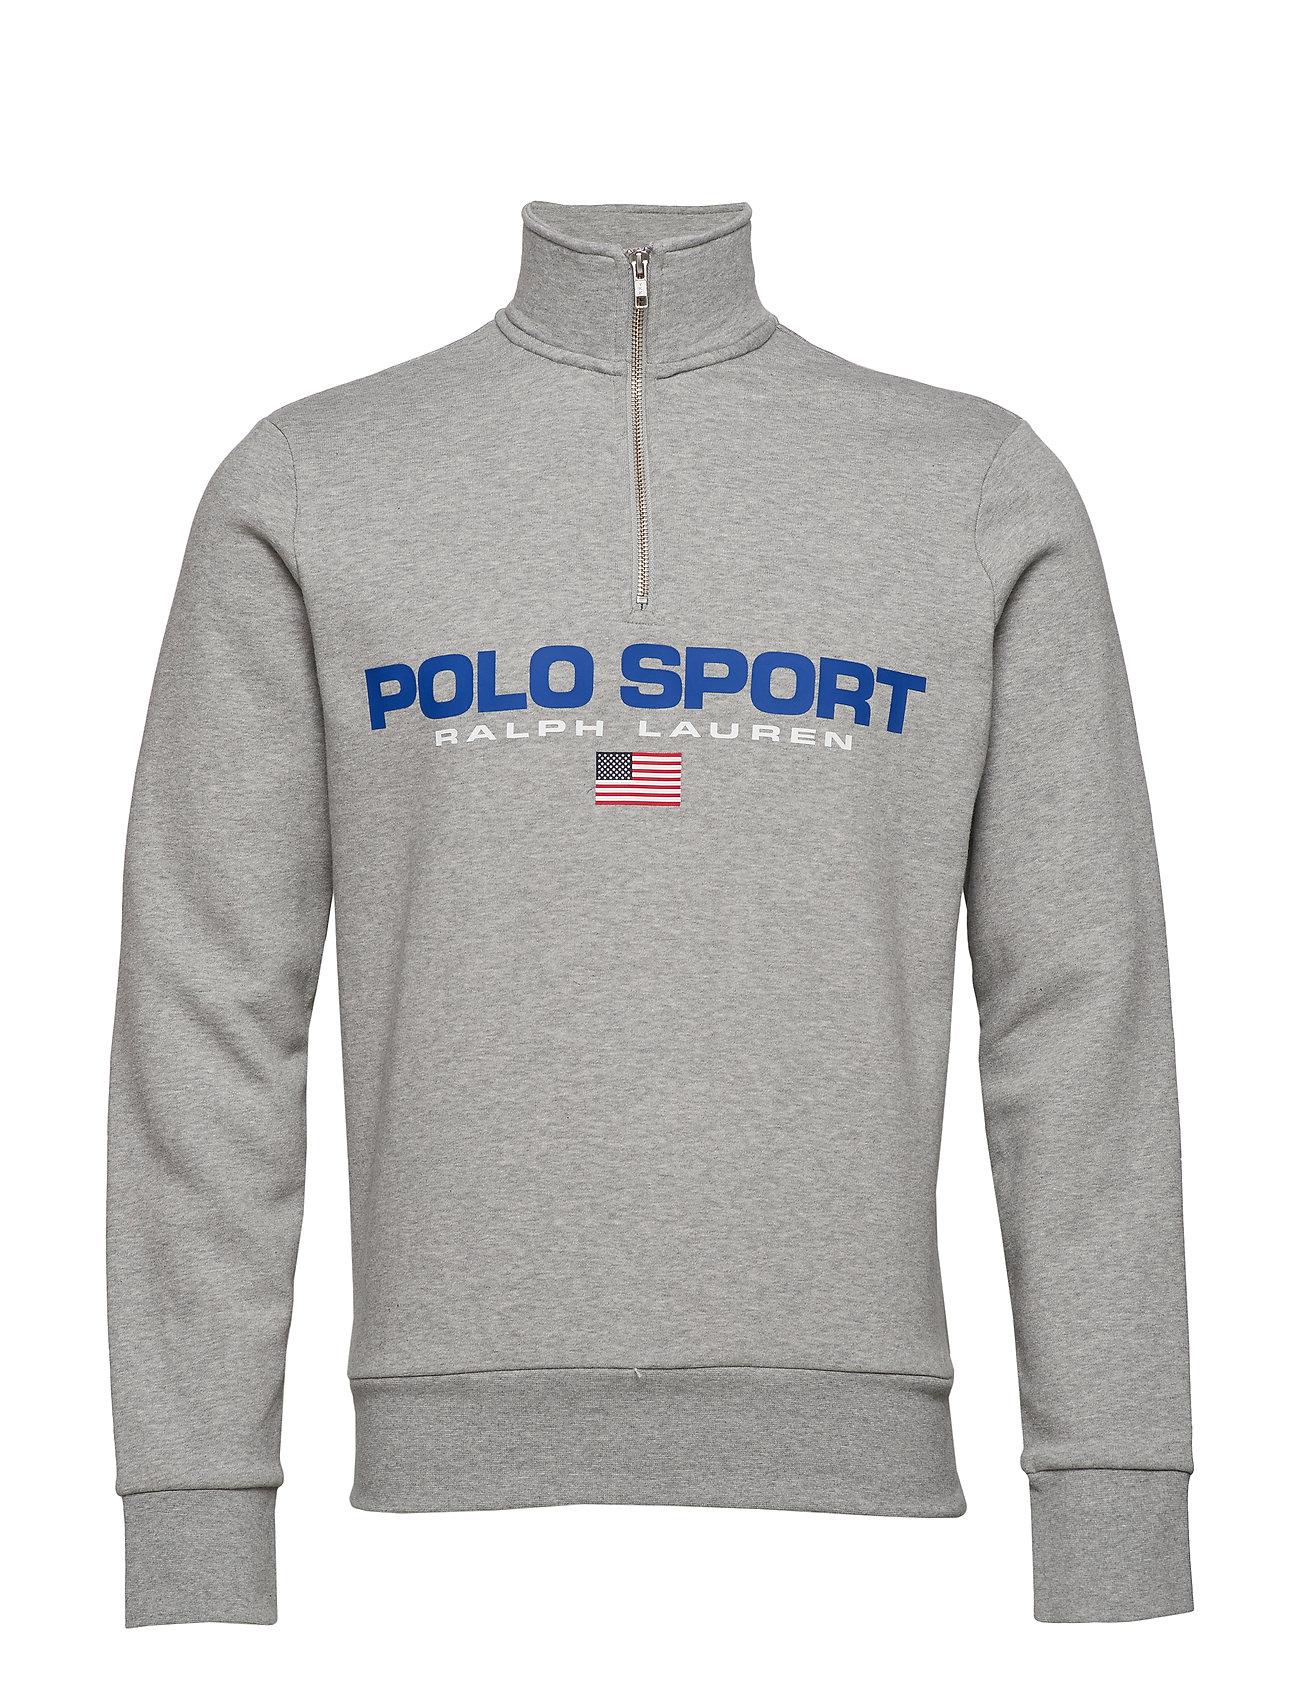 Polo Ralph Lauren Polo Sport Half-Zip Sweatshirt - ANDOVER HEATHER